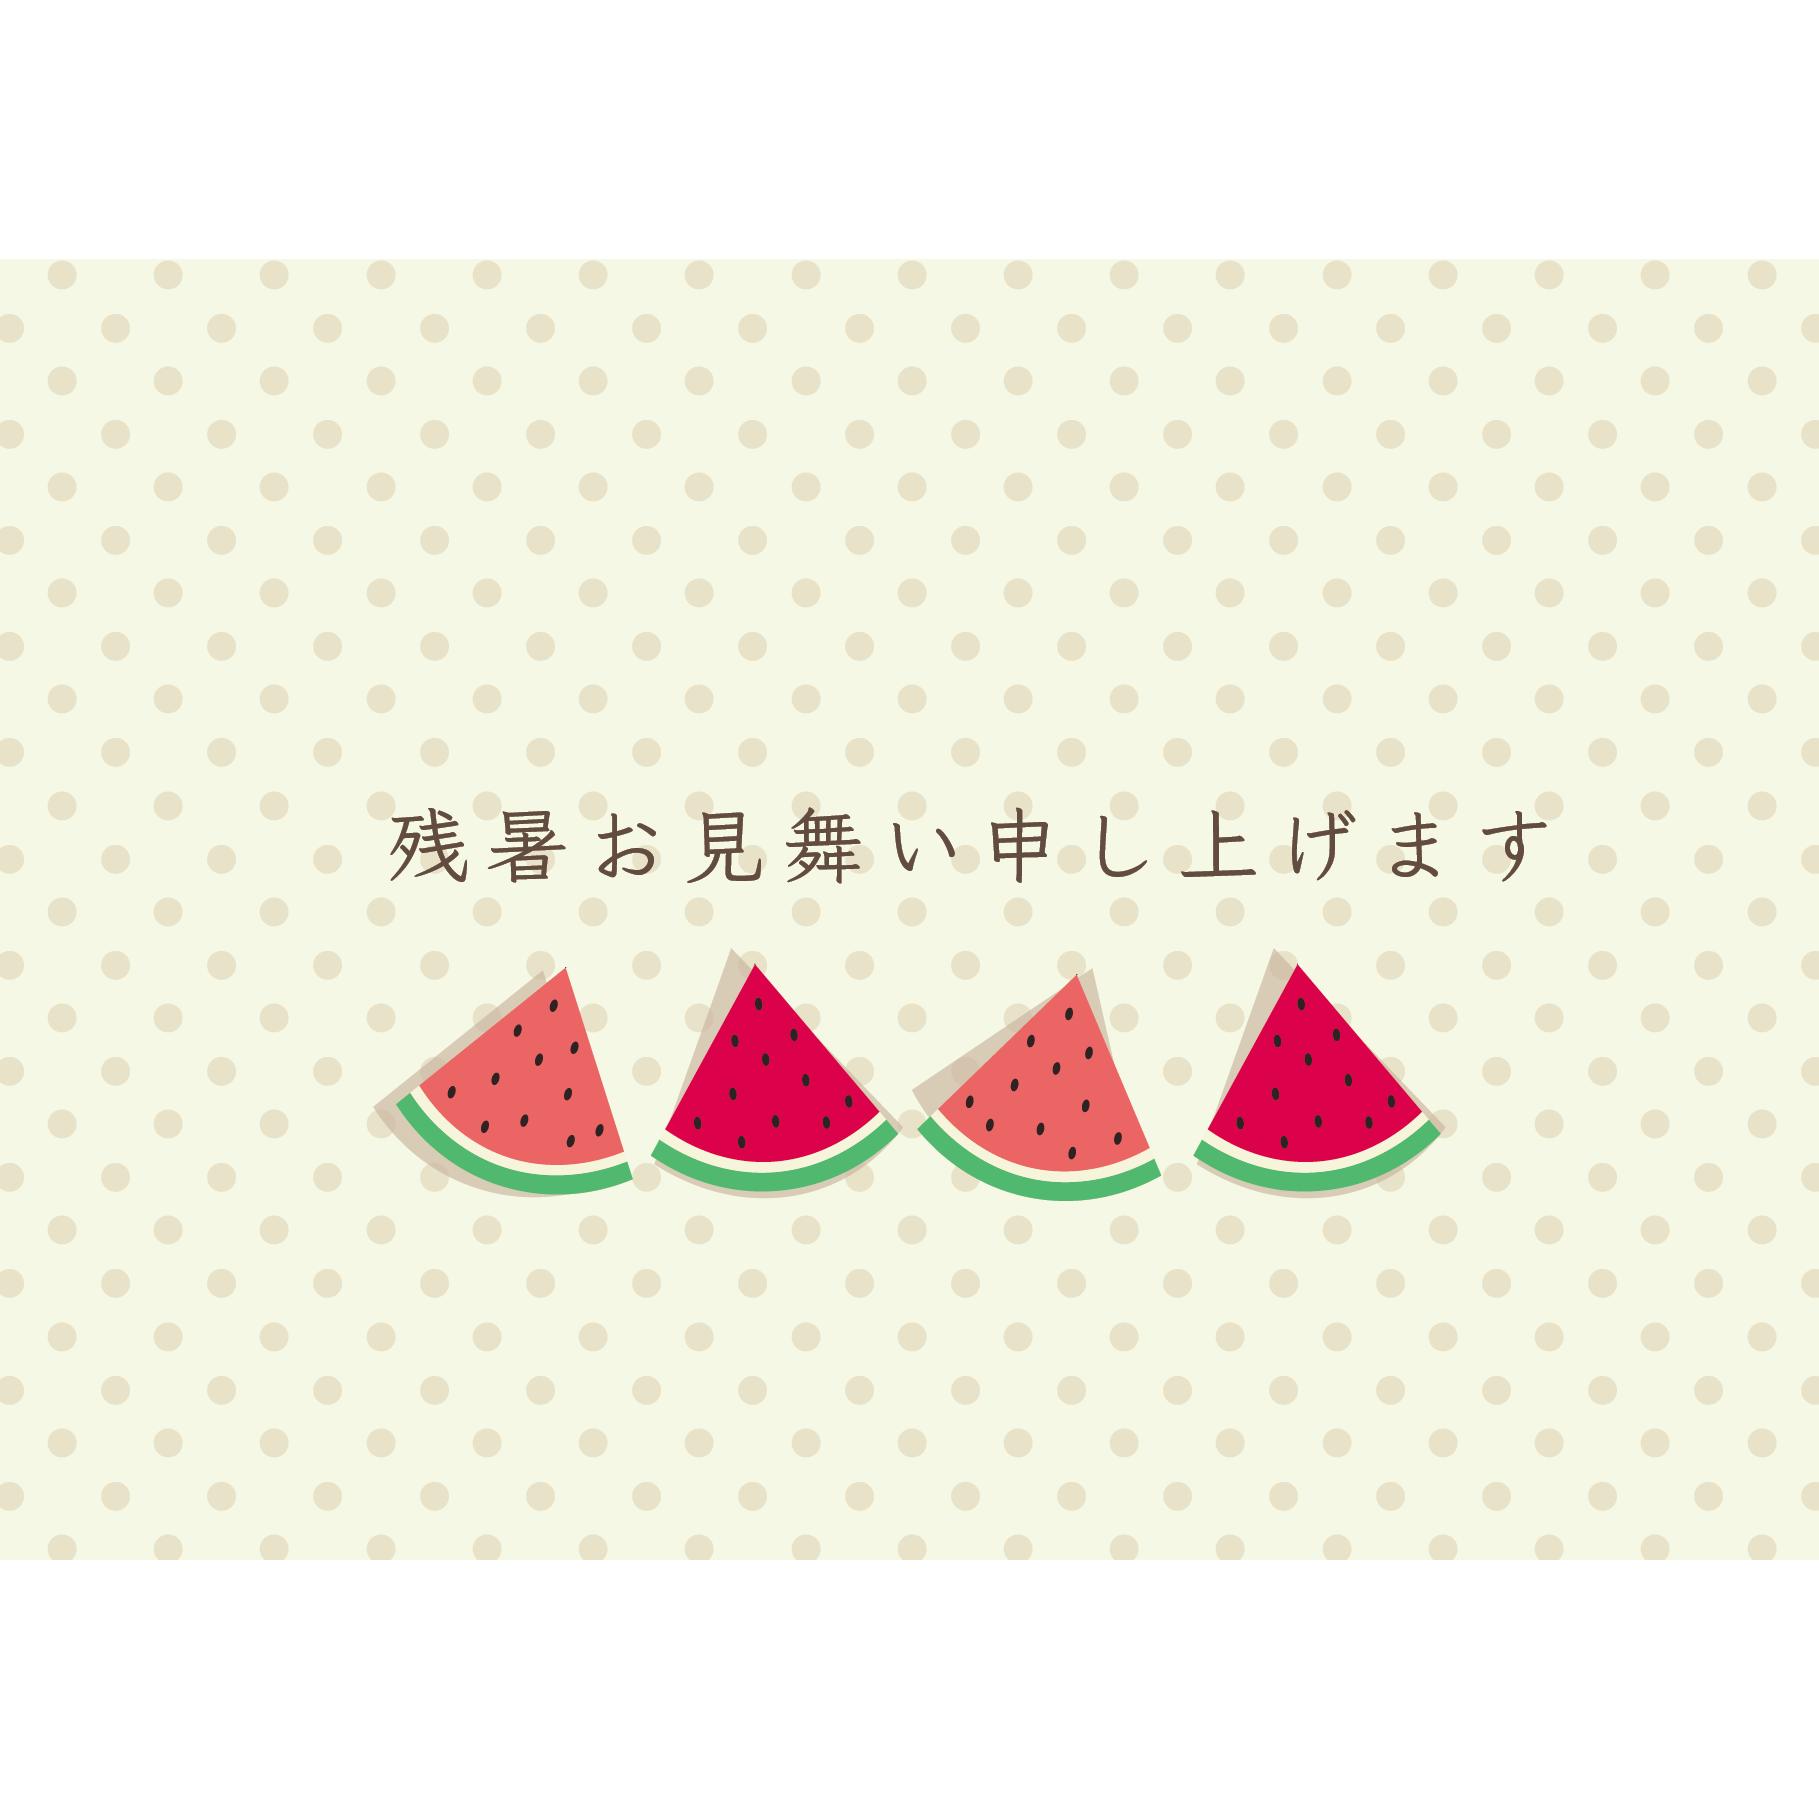 【残暑見舞い・横】かわいいスイカの整列!グリーティング イラスト